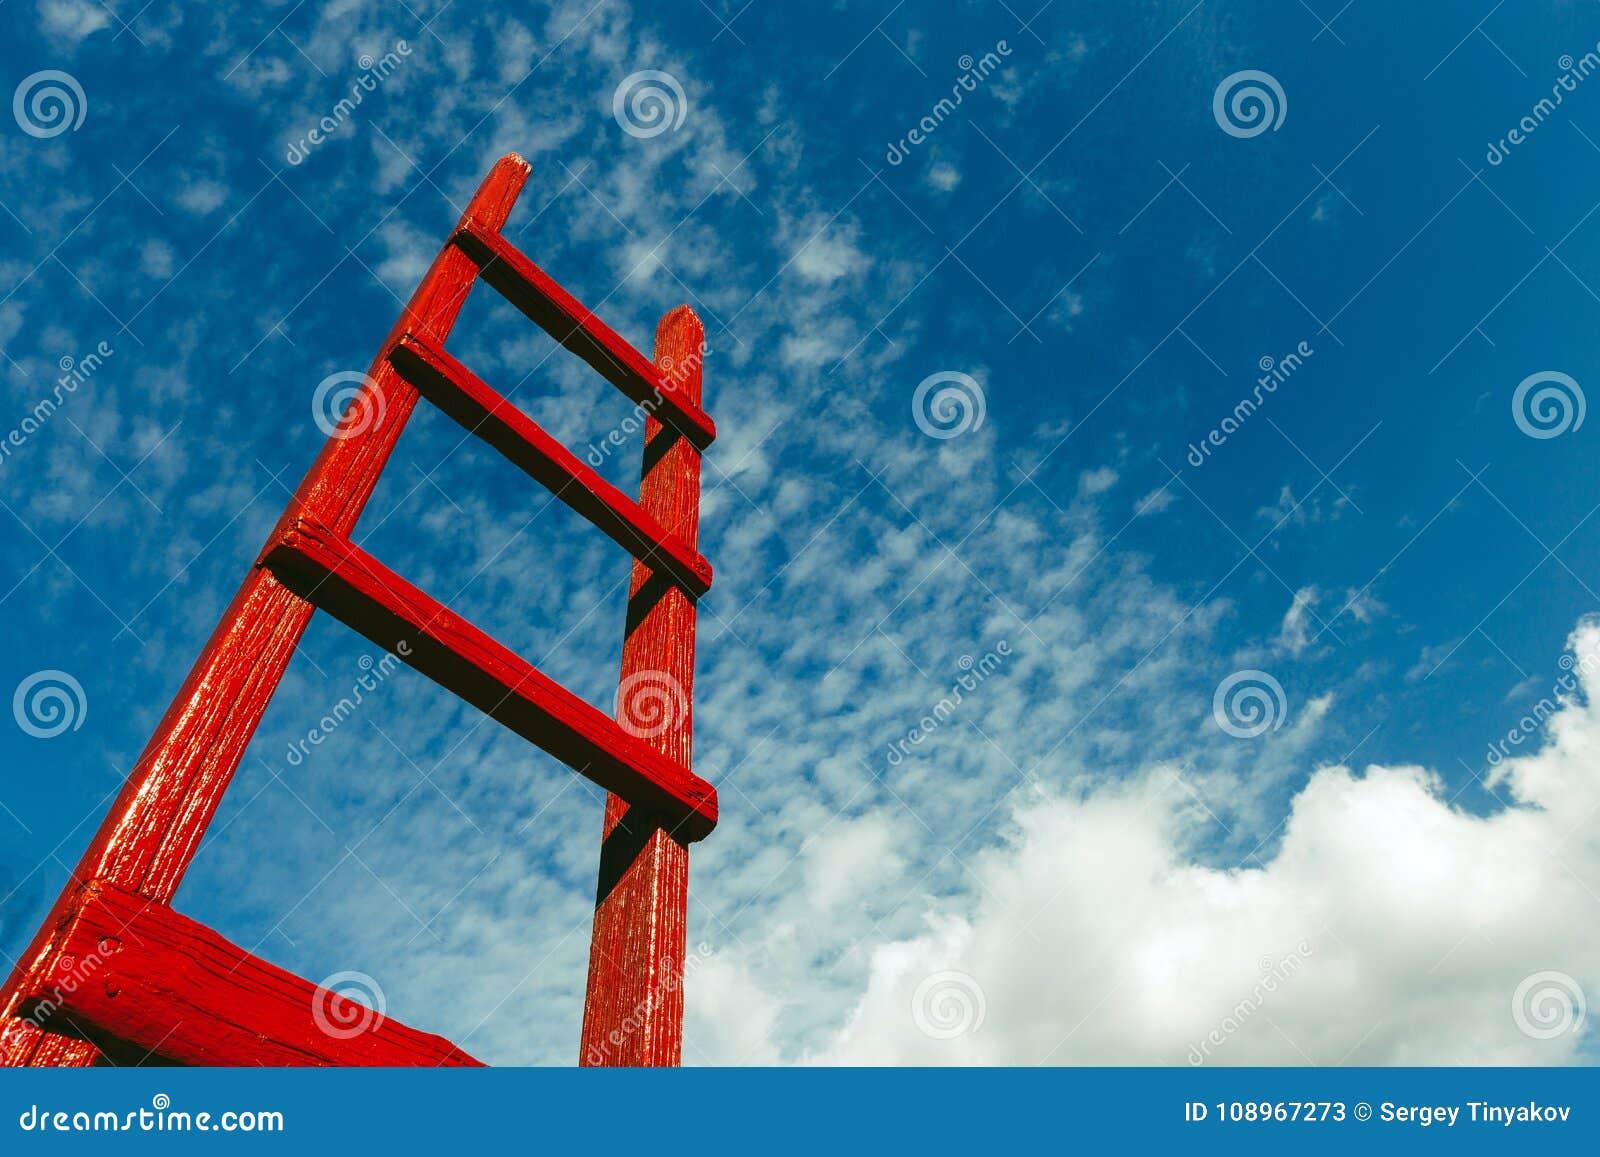 Scala di legno rossa contro il cielo blu Concetto di crescita di cielo di carriera di affari di motivazione di sviluppo